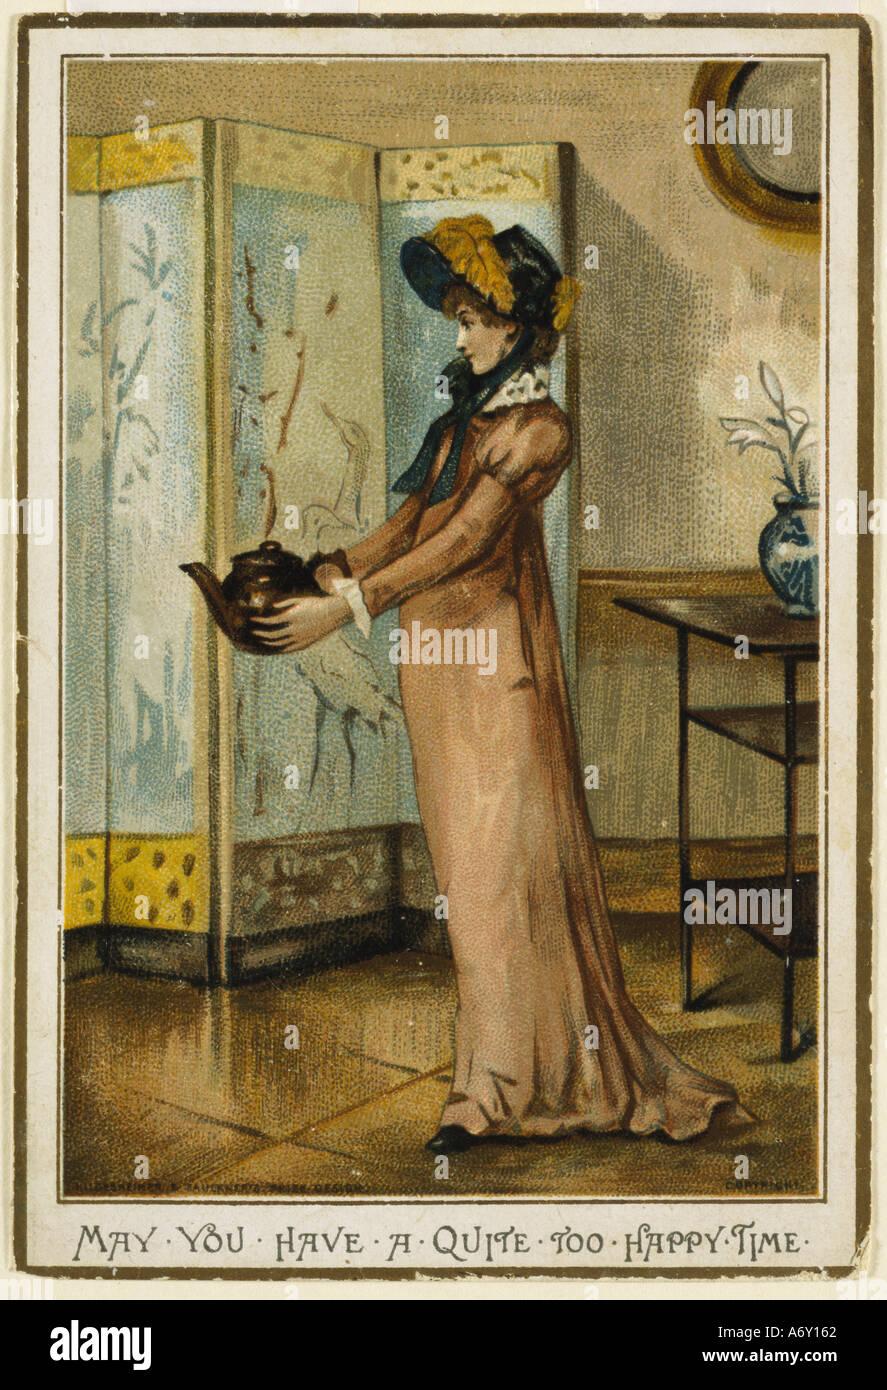 Abbiate un po' troppo tempo felice di Albert Ludovici II. Inghilterra, 1881. Immagini Stock